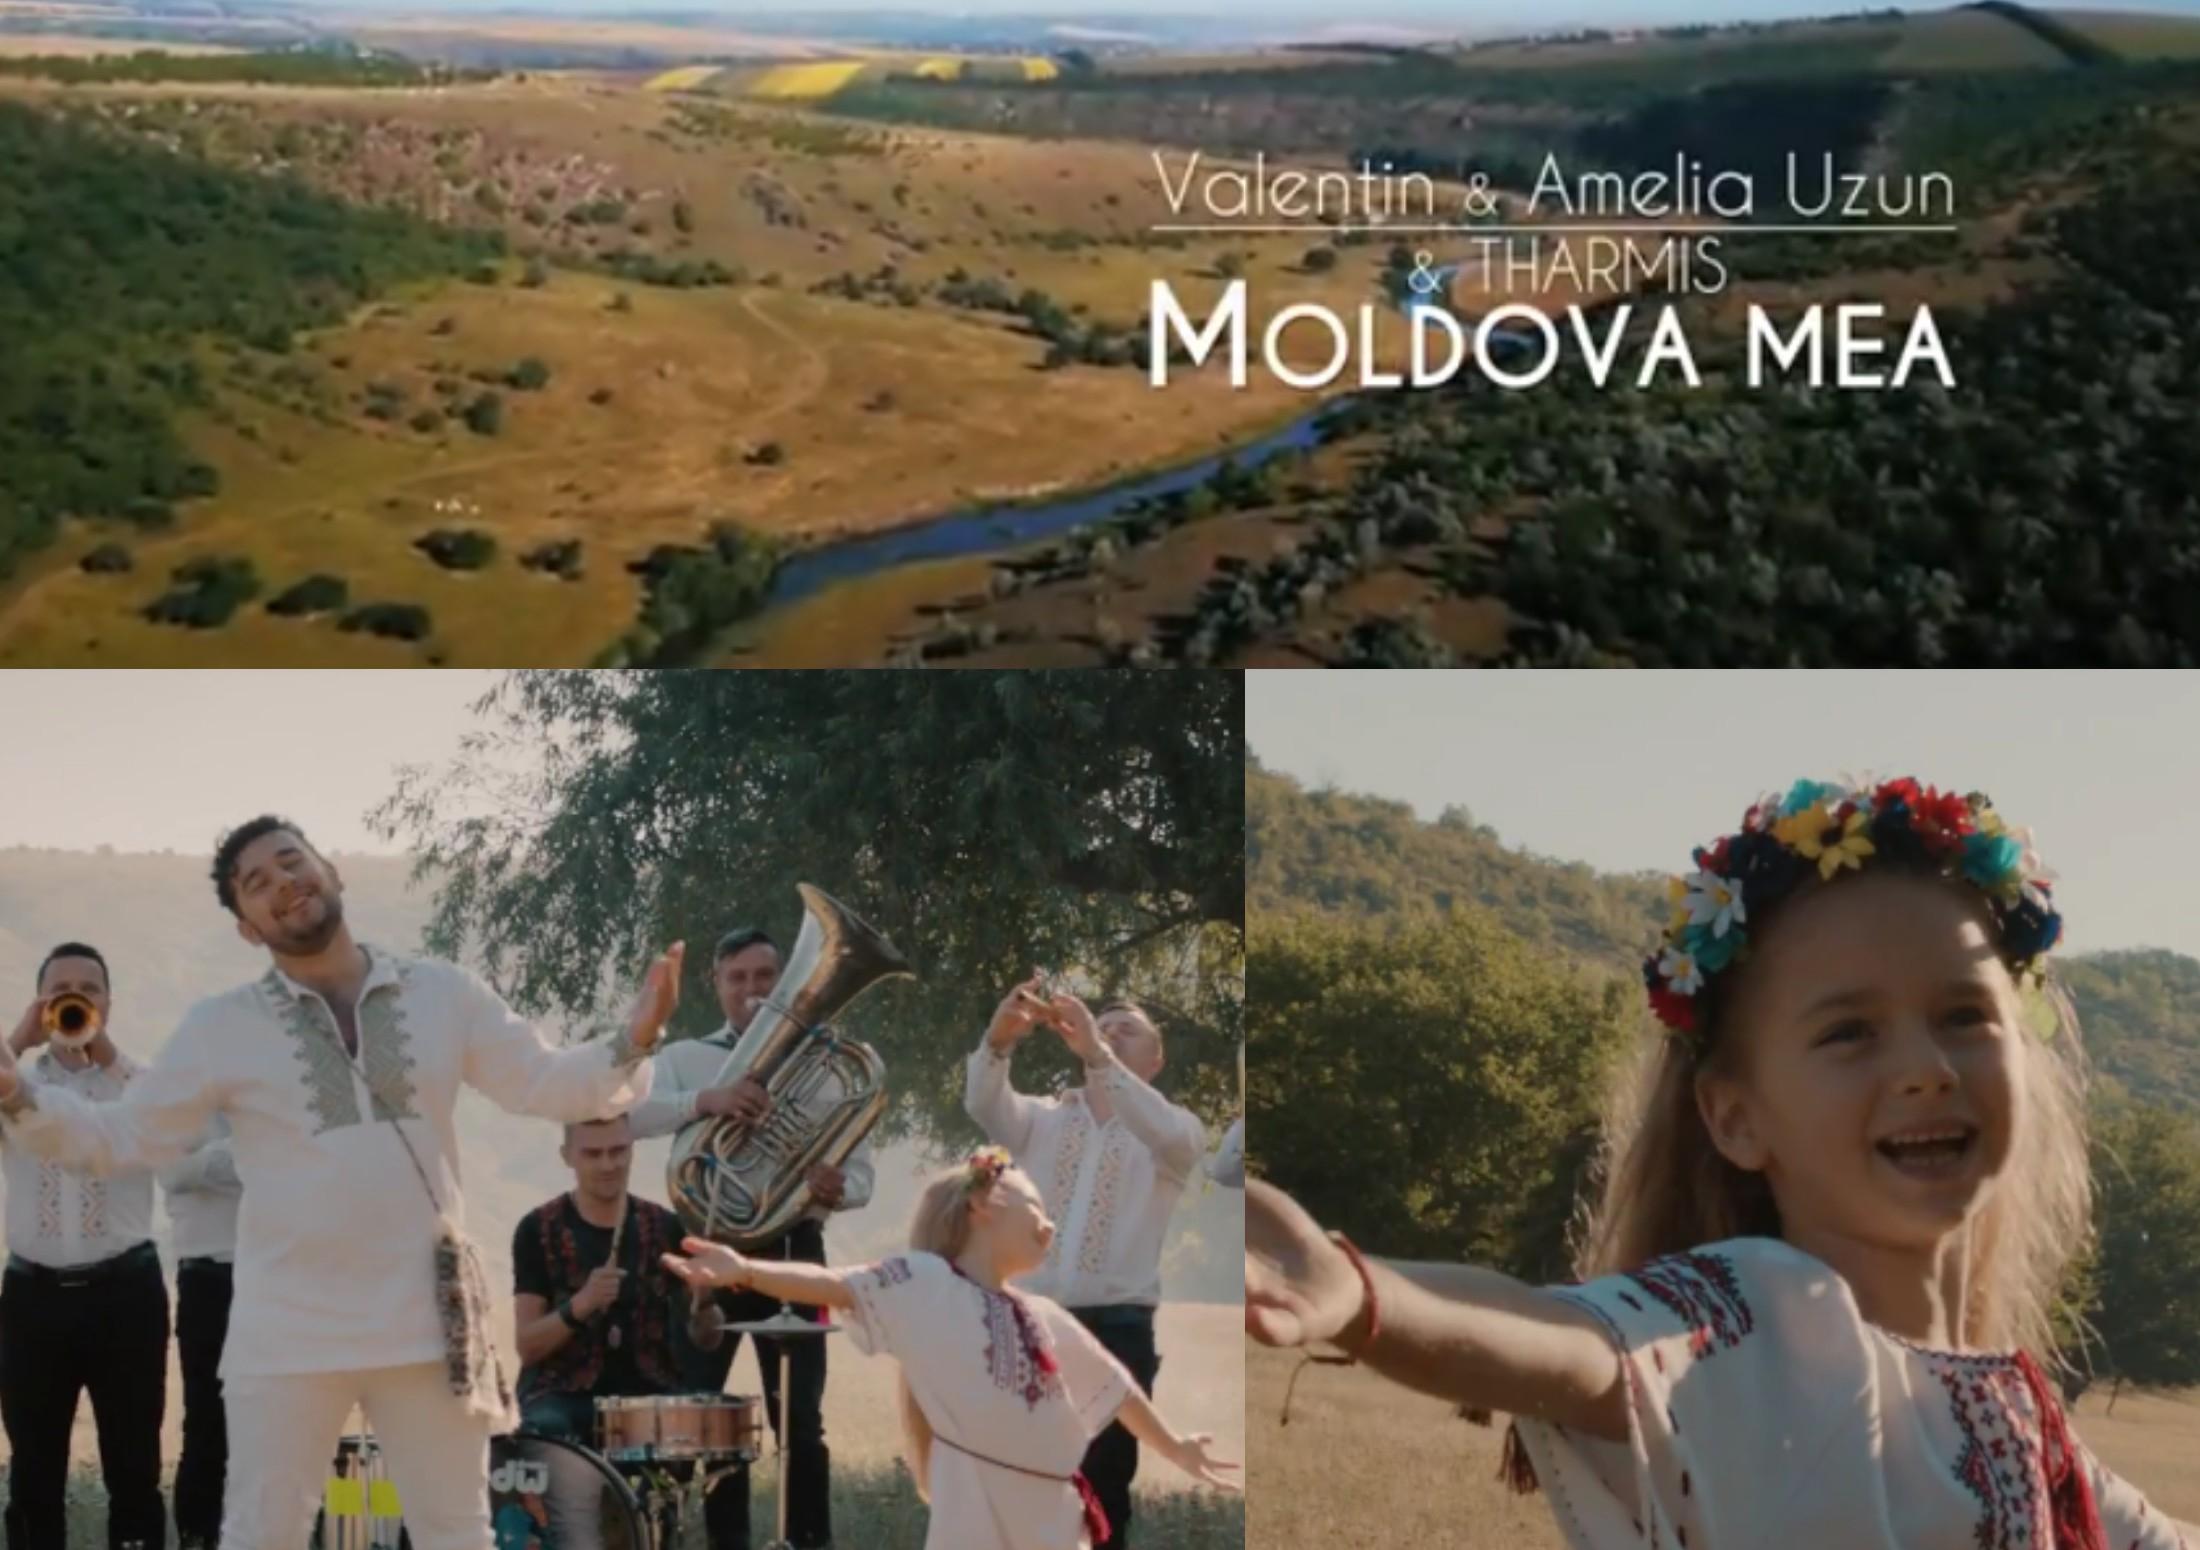 """PREMIERĂ: Valentin și Amelia Uzun au lansat videoclipul ,,Moldova mea"""" – VIDEO"""